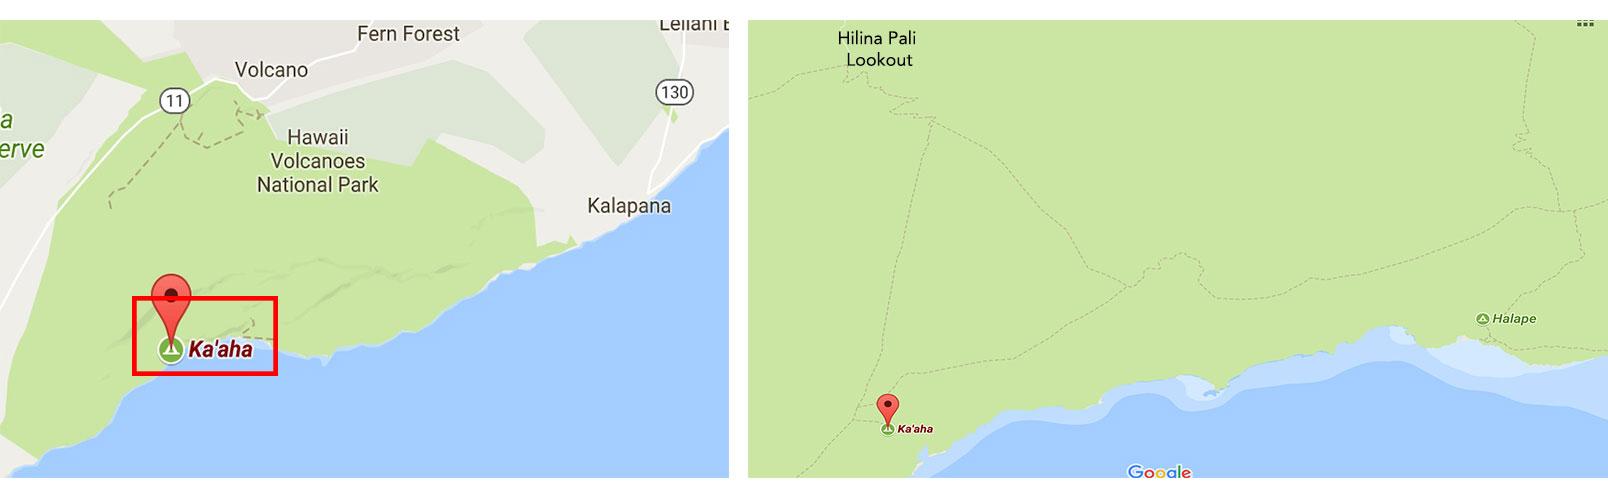 Mapa das trilhas de Ka'aha e Pepeiao - Big Island - Havaí